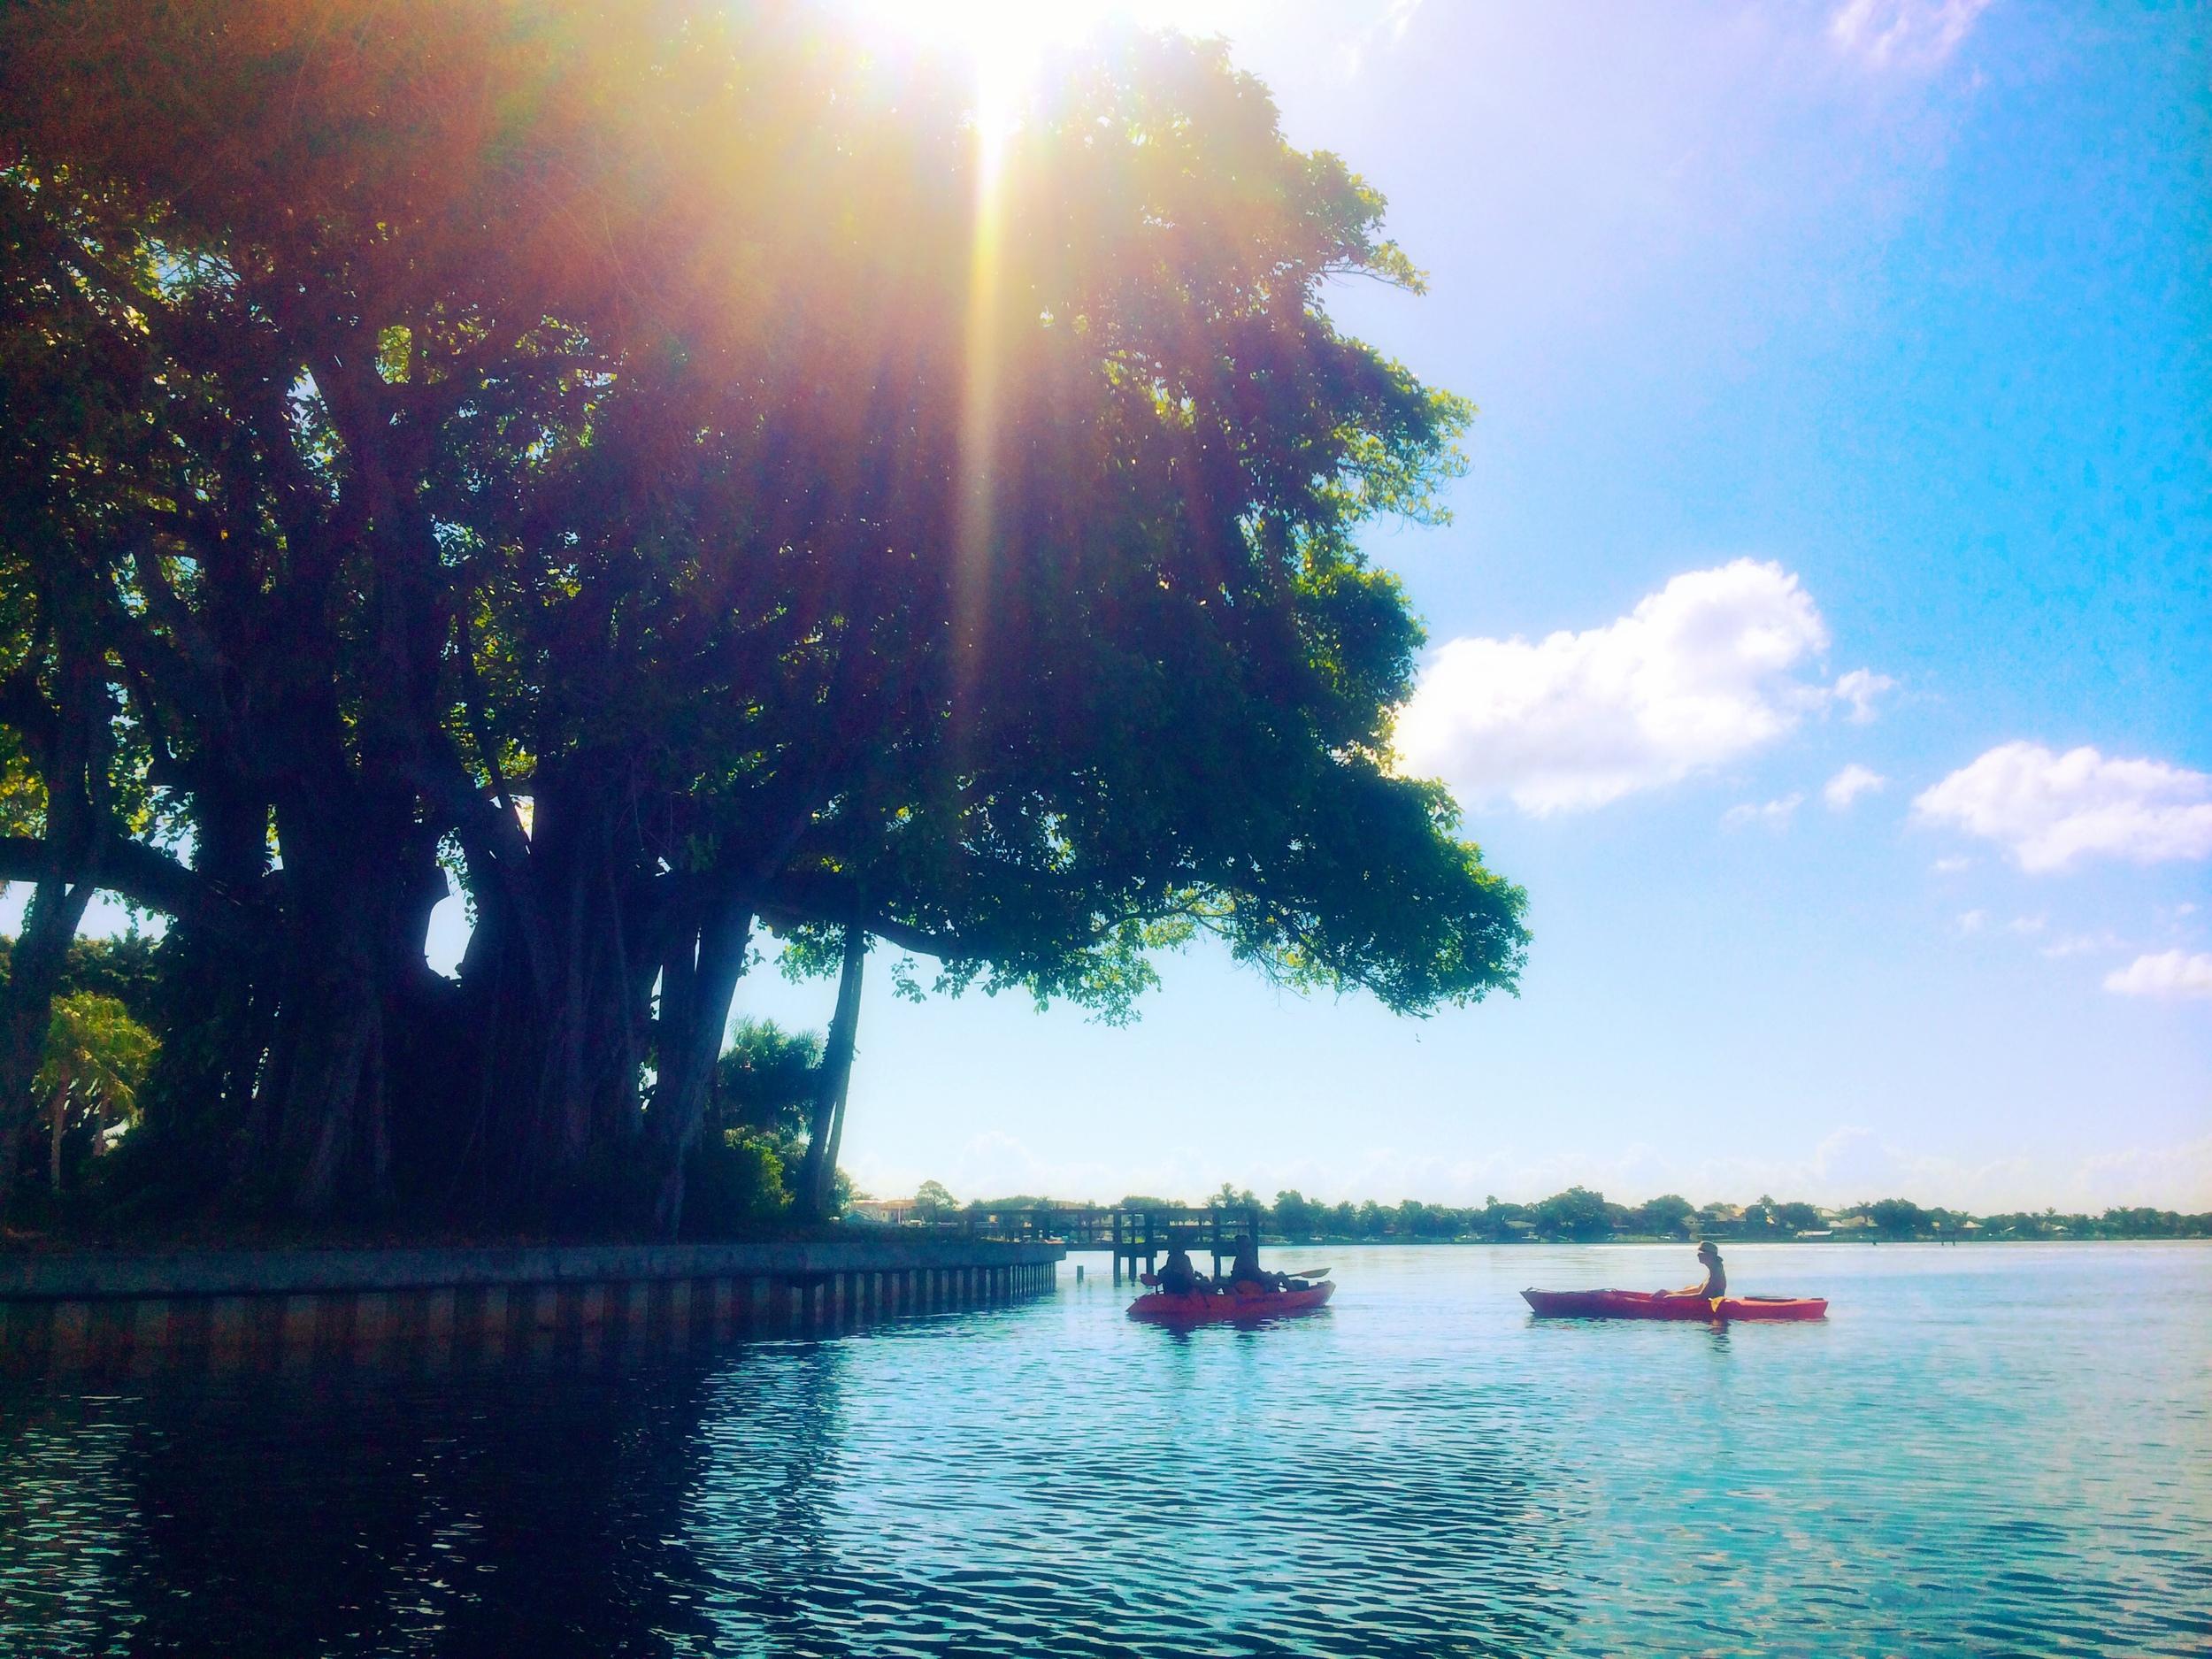 JUPITER FLORIDA KAYAKING BANYAN TREE